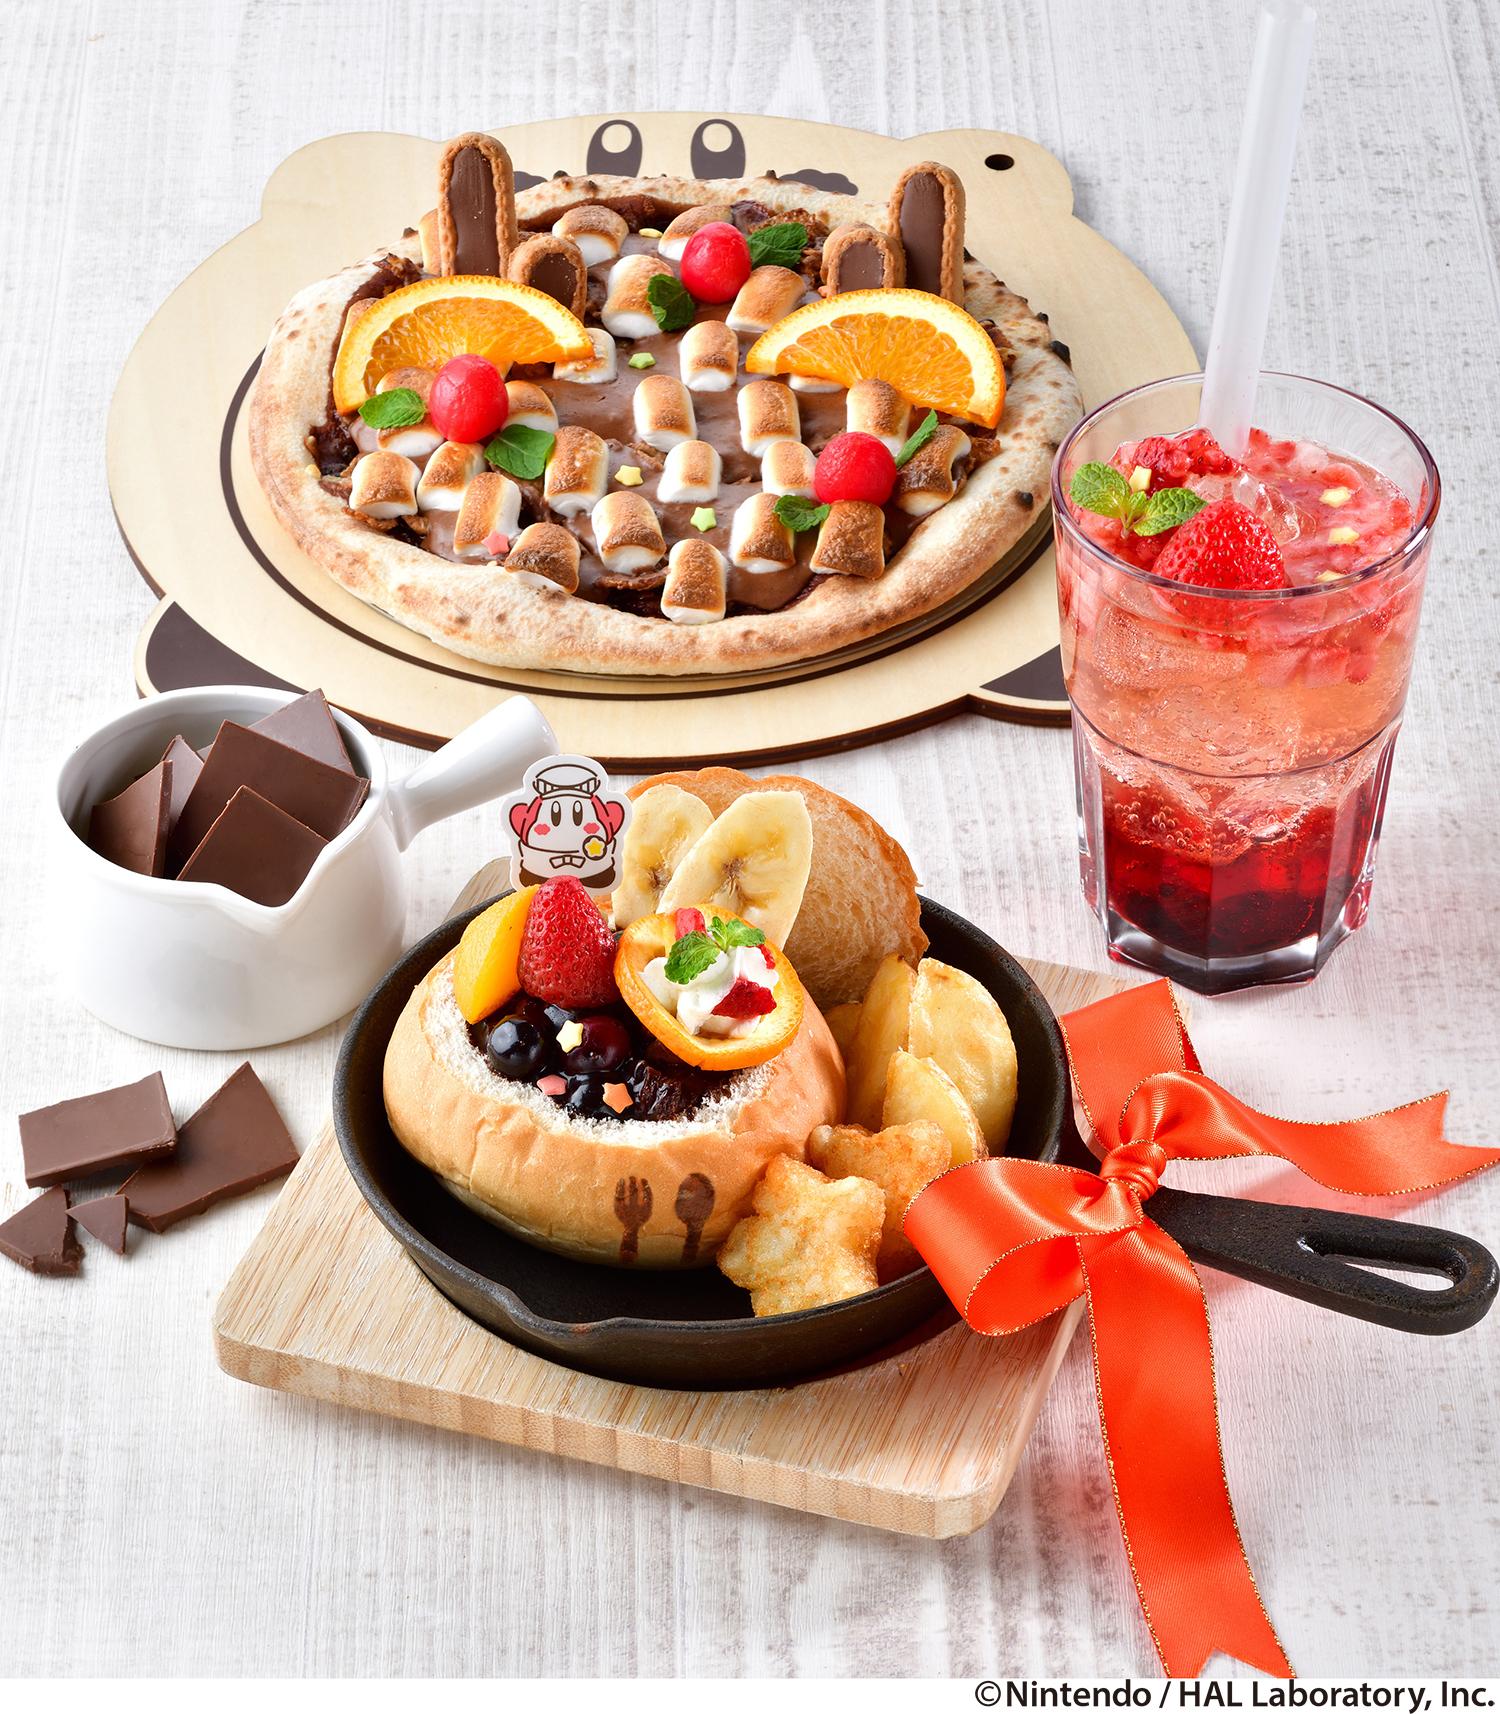 「カービィカフェ」チョコレートとフルーツがいっぱいのフェア「Chocolate de PUPUPU」開催決定!